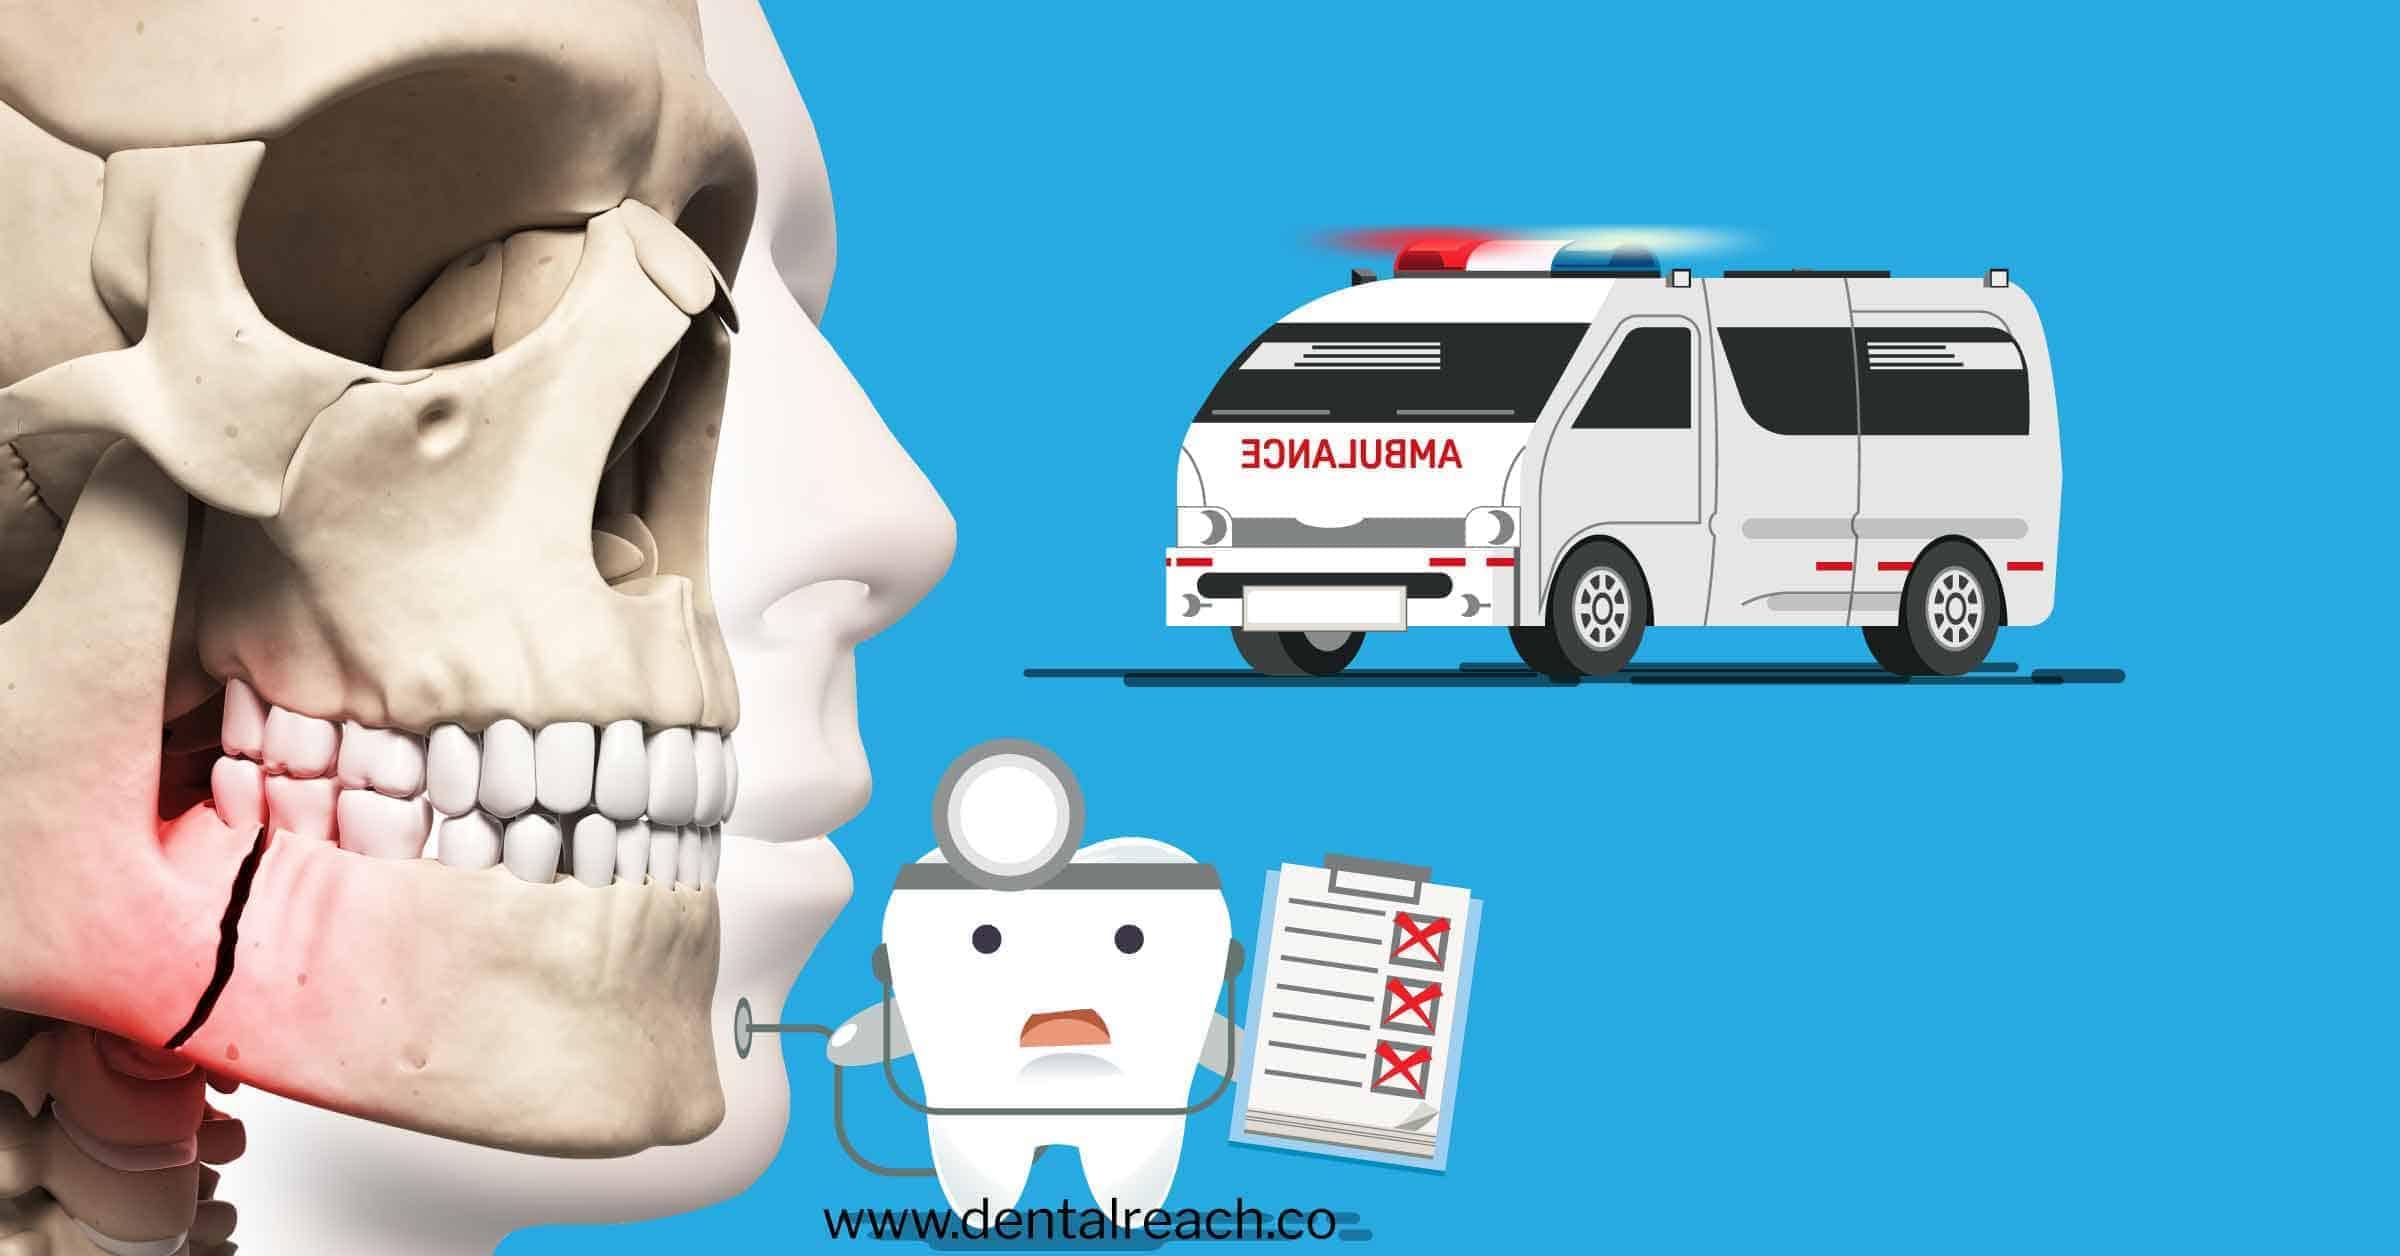 Managing dental trauma in the emergency